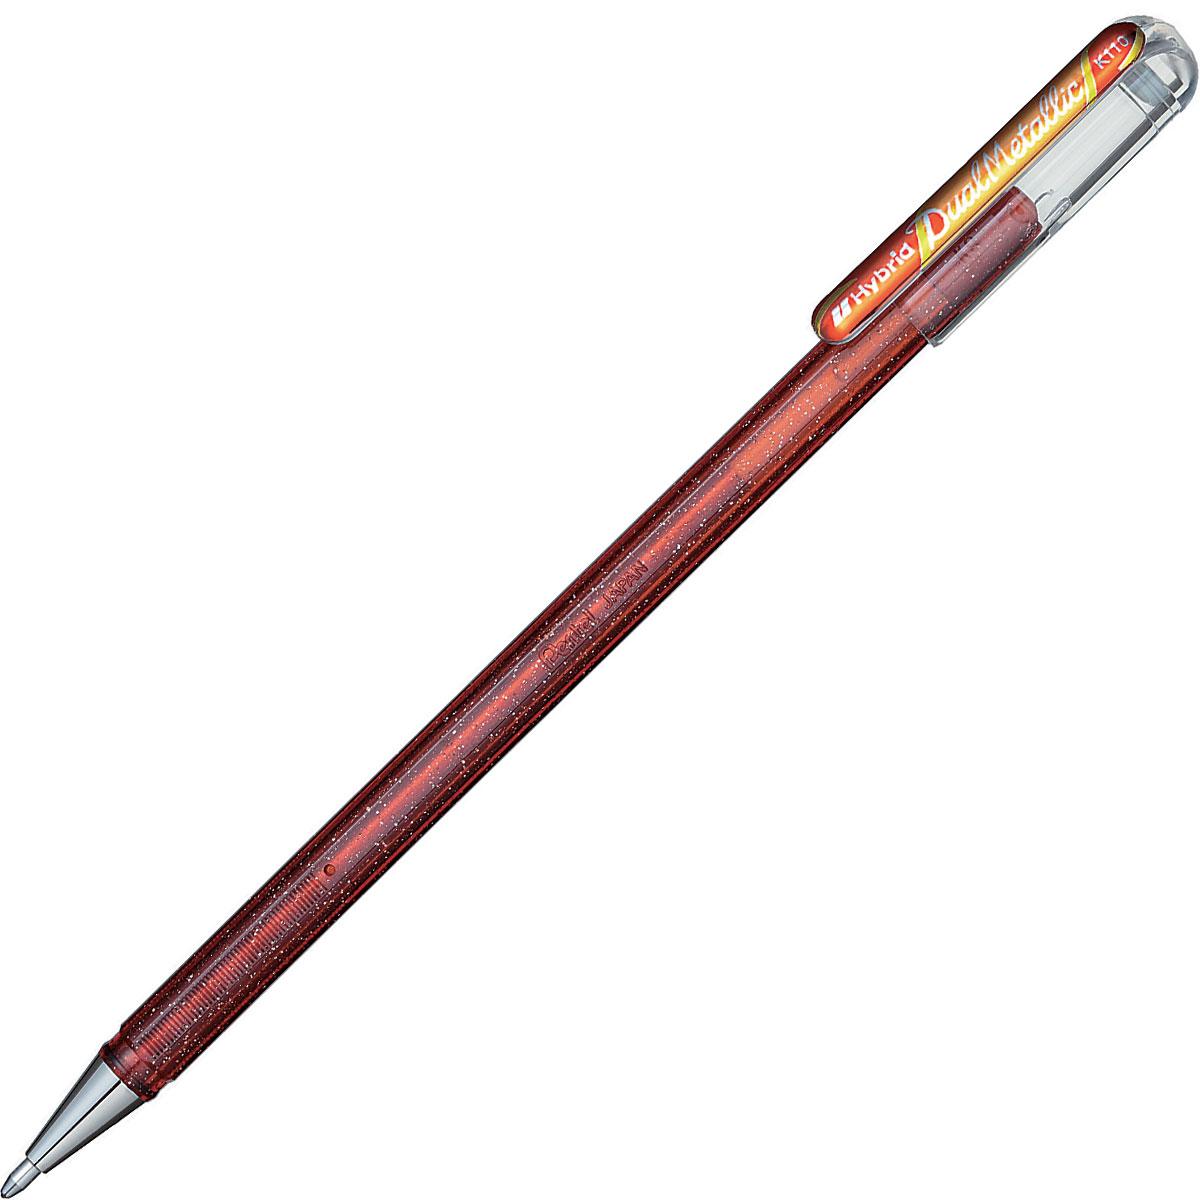 עט ג'ל כתום וצהוב מטאלי Pentel K110